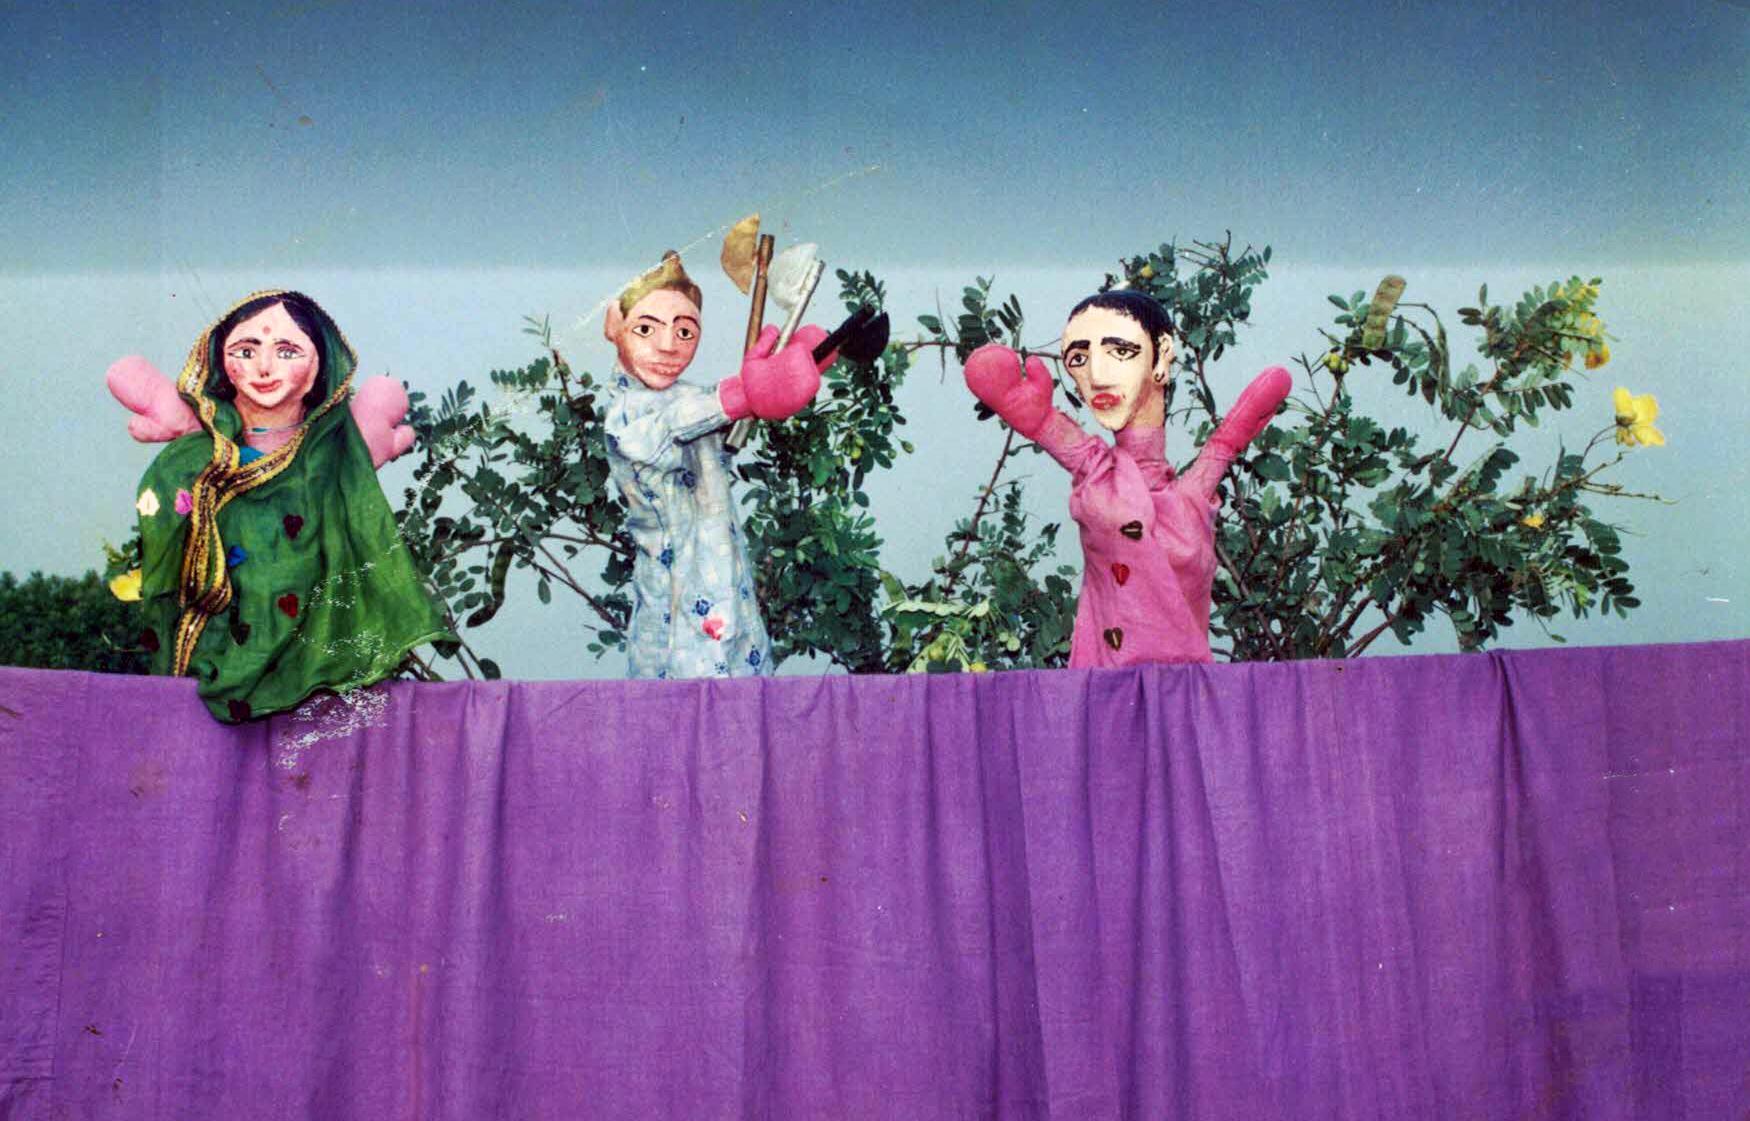 Jeu de marionnettes éducatif joué dans les écoles, V. B. Dahake